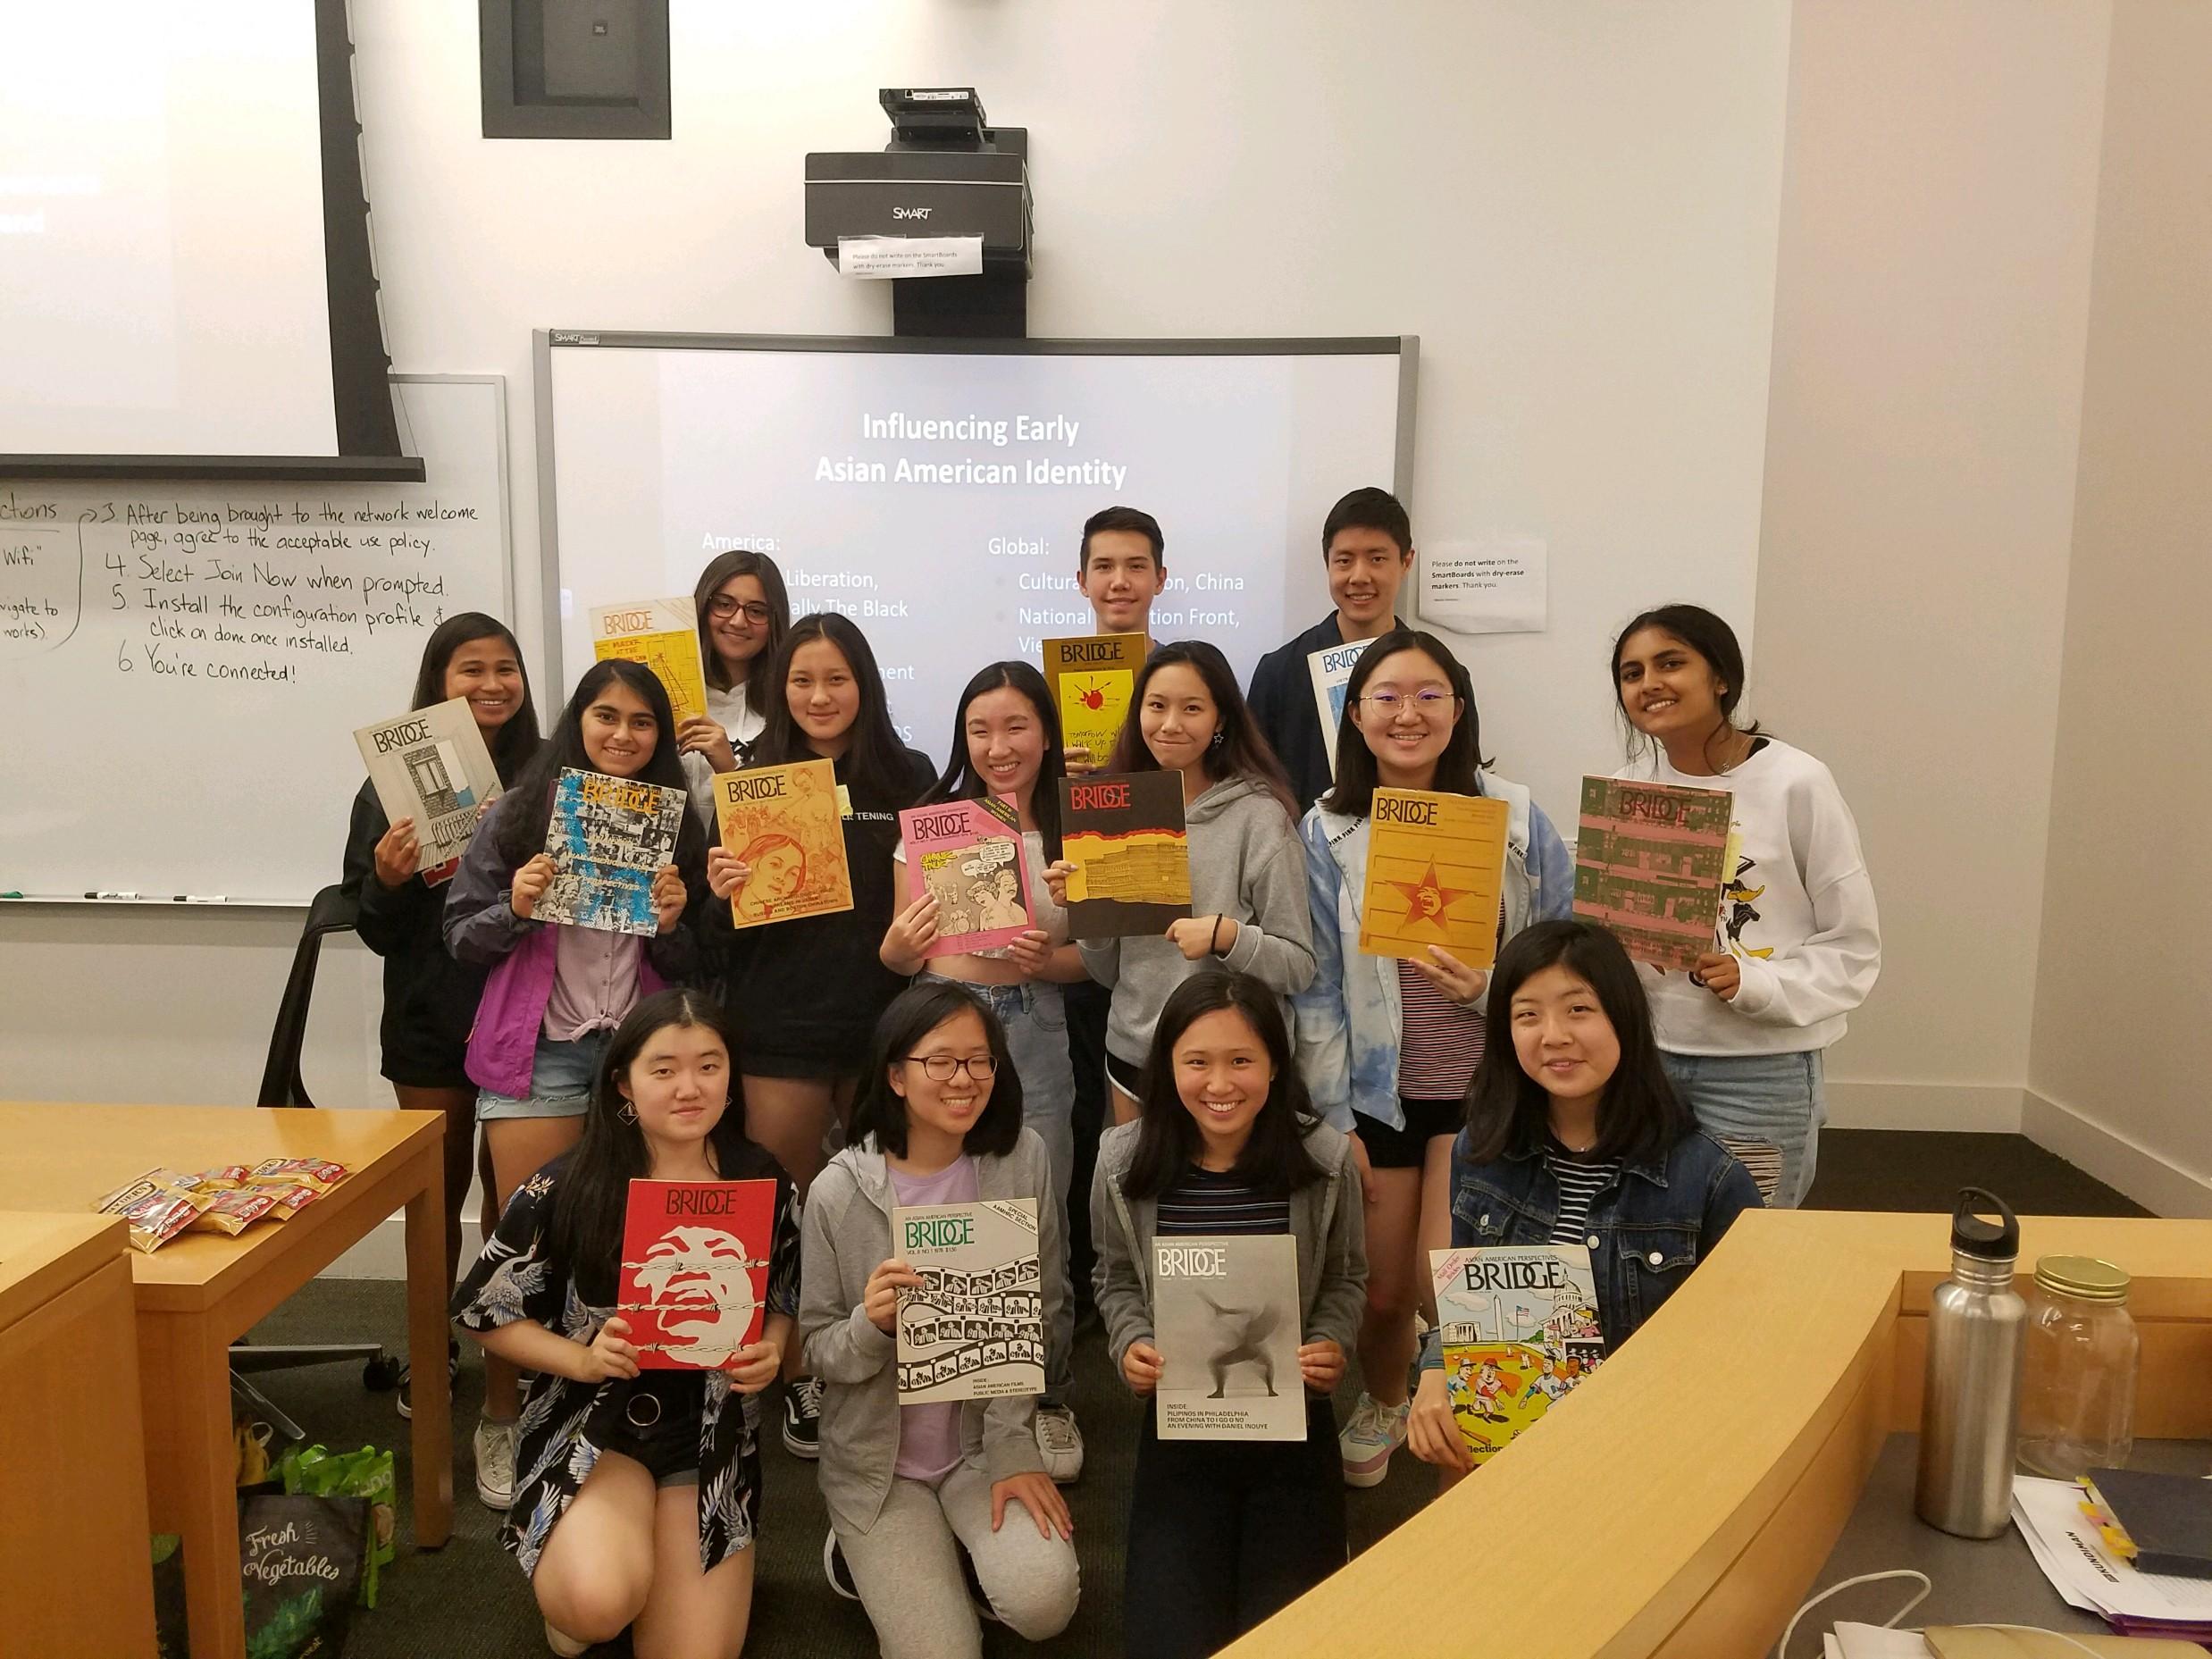 Students pose with archival copies of Bridge Magazine.